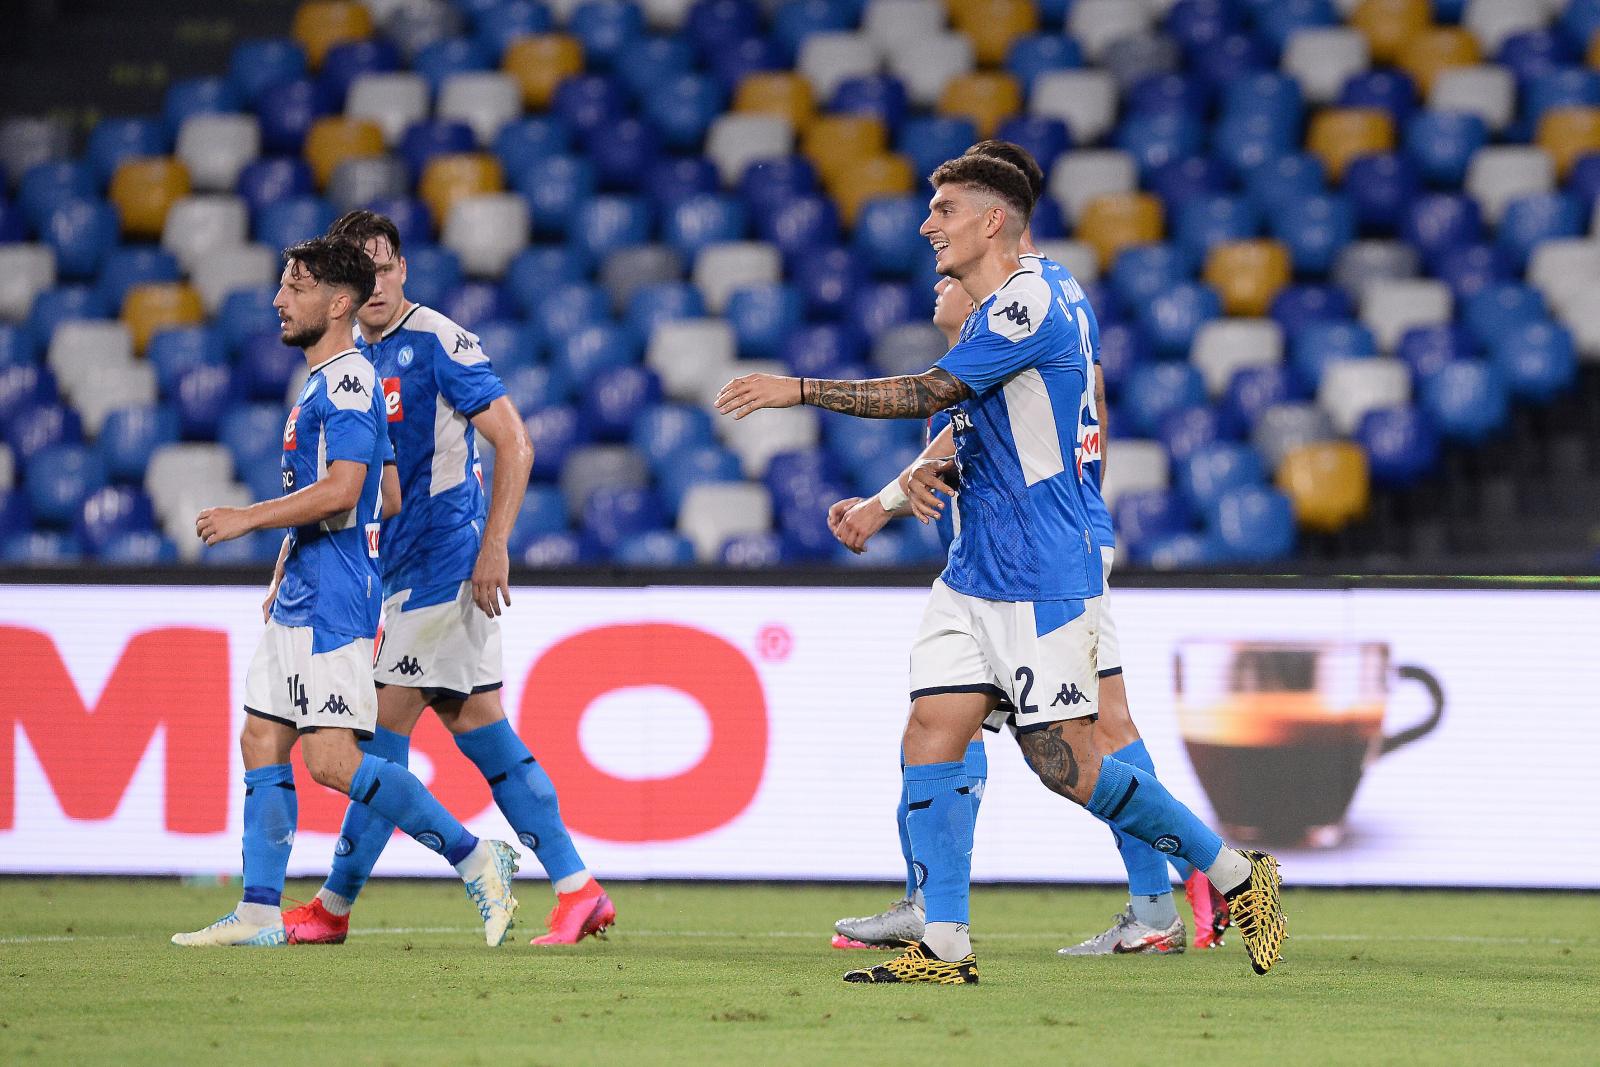 «Болонья» - «Наполи»: прогноз на матч чемпионата Италии